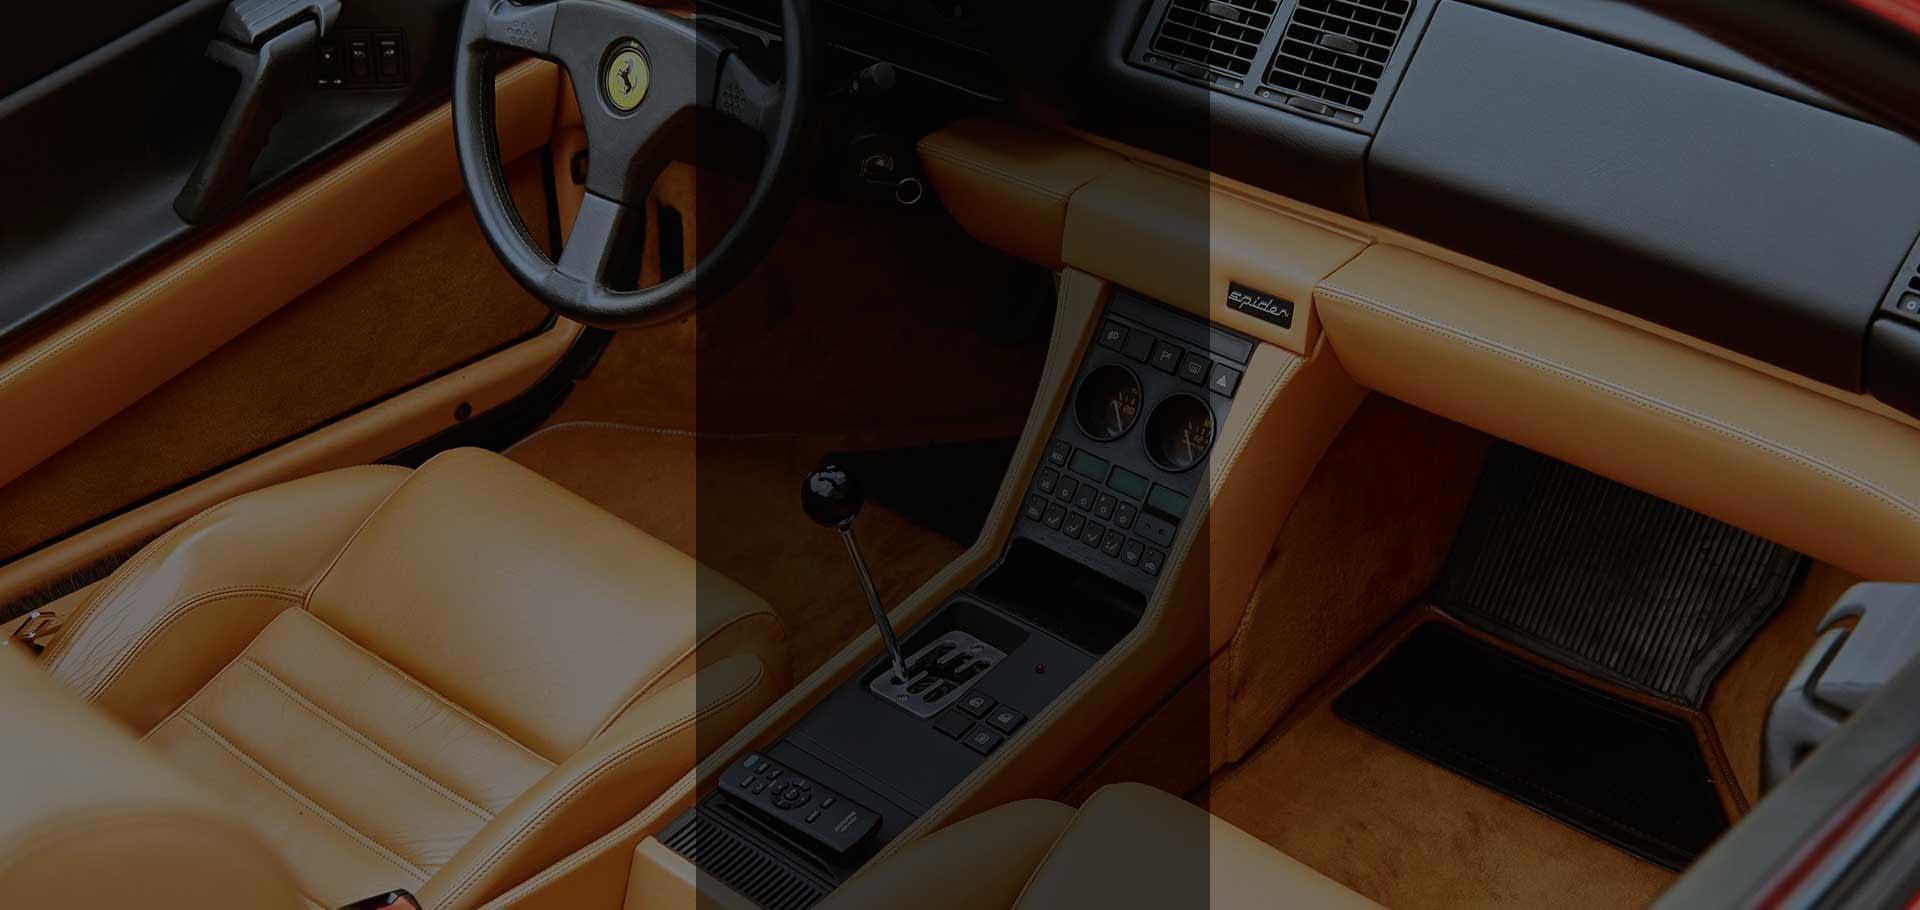 taller restaurador de vehiculos, restaurando vehiculos con muchos años de experiencia en valencia